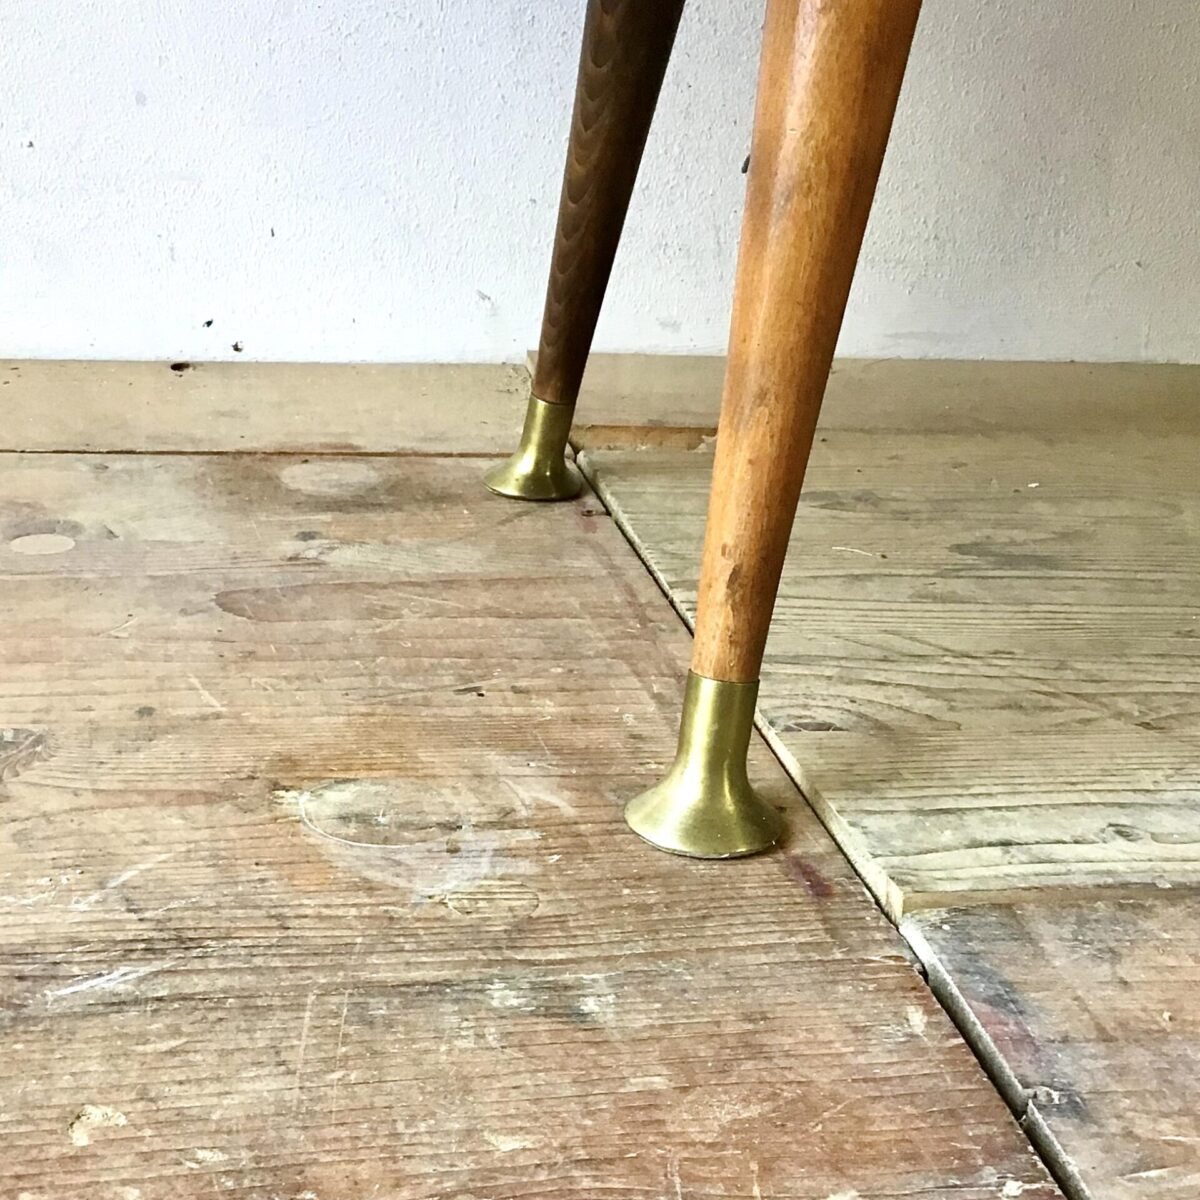 Grosses Sideboard 60er Jahre 250cm mal 46cm Höhe 153cm. Dieses Möbel wirkt trotz der grösse relativ leicht. Nussbaum furniert, mit vier Schiebetüren. Das Schnapsfach hat ein rotes Glas am Boden und ein Spiegel an der Rückwand. Der Spiegel hat ein paar ausgefressene stellen. Zusätzlich hat's zwei kleine Glas Tablare mit schön verchromten Konsolen. Unter den Schiebetüren befinden sich vier Schubladen mit langen Messing Griffen. Die Beine mit den Messing Abschlüssen runden das ganze ab. Und geben dem Möbel die Bodenfreiheit.